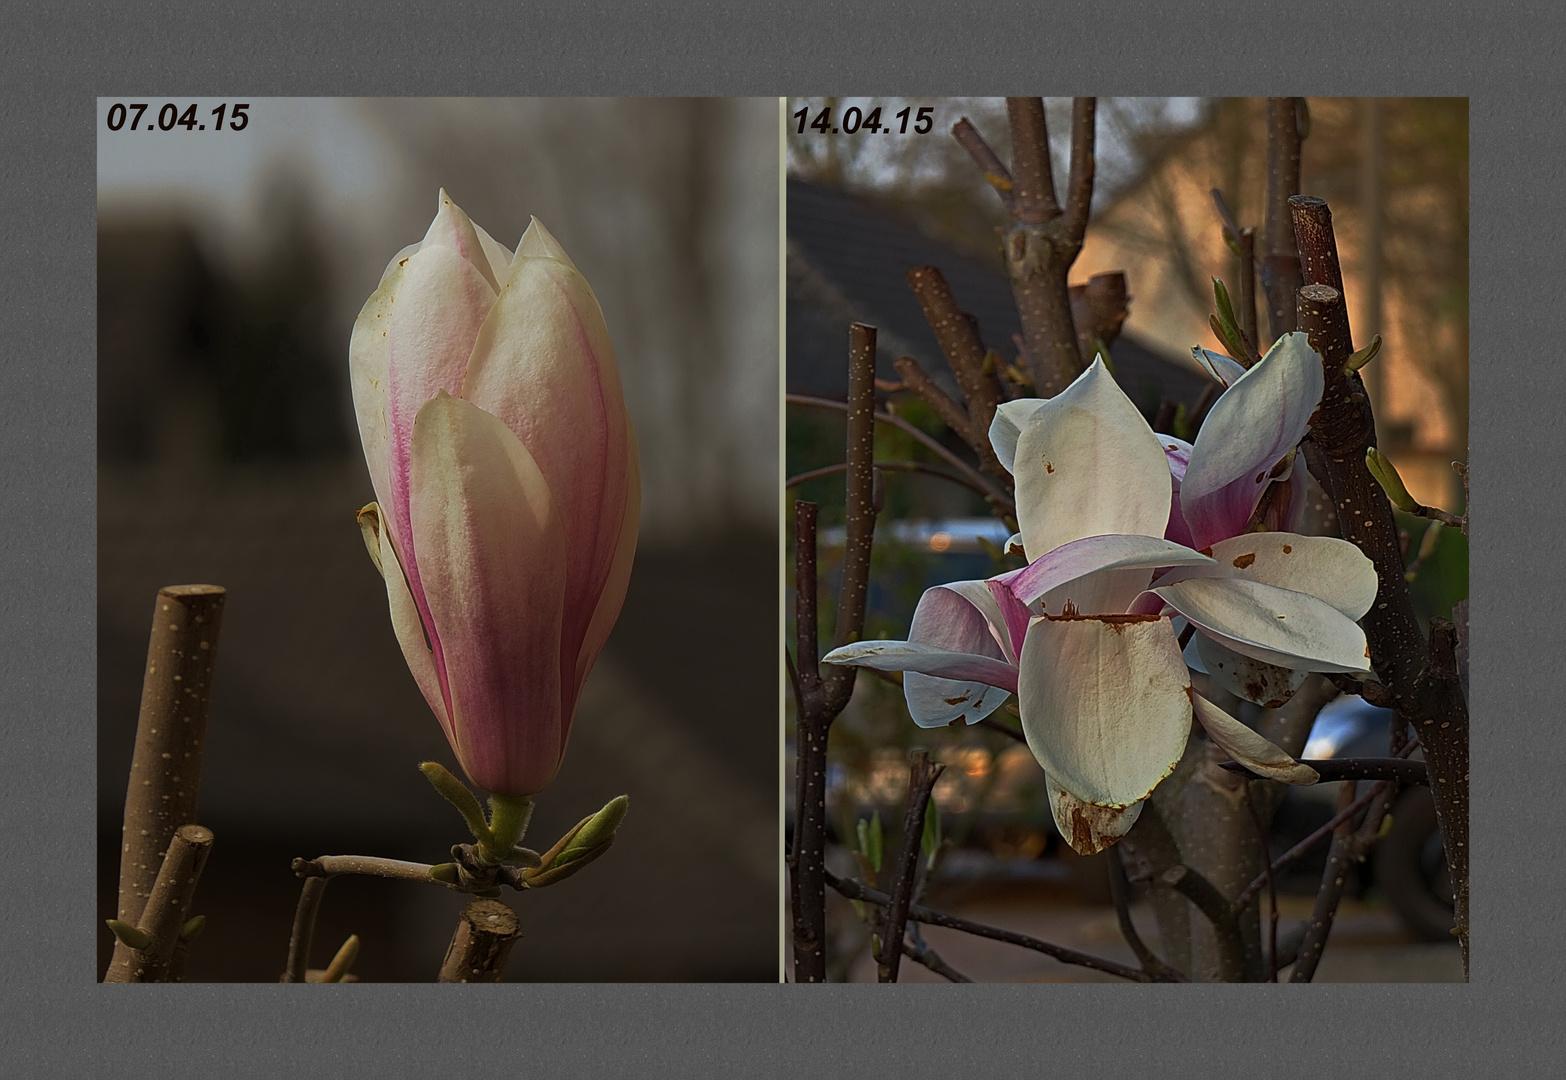 kurzes Blütendasein für Magnolie,